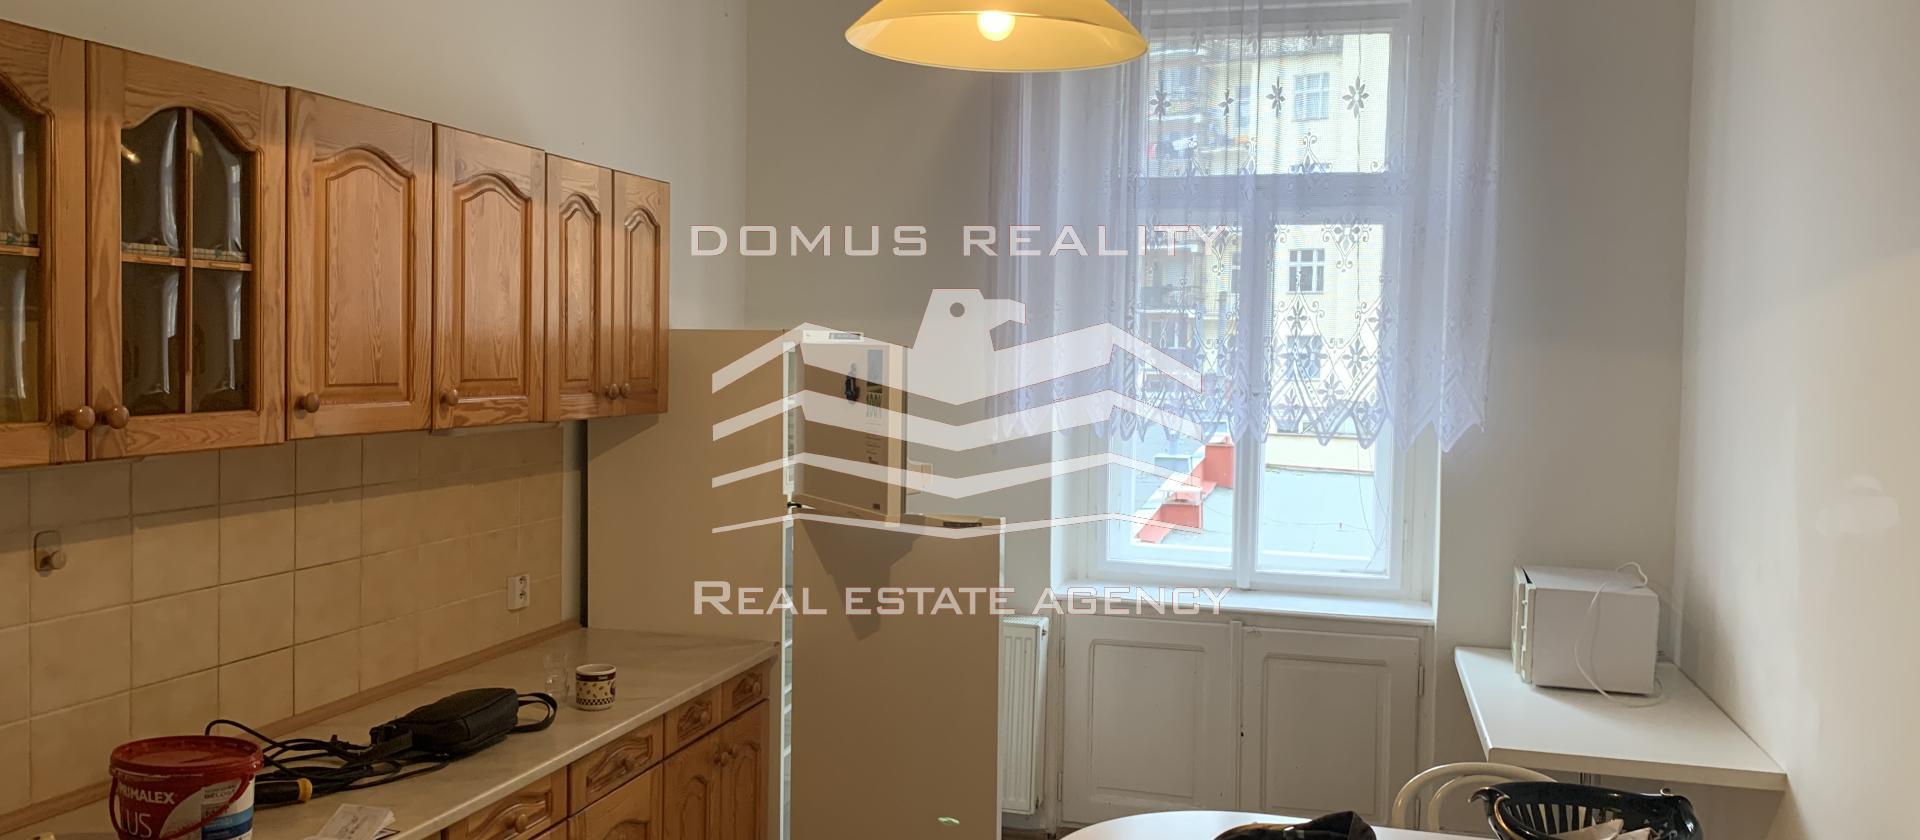 Prostorný, světlý byt 4+1 - 120 m2